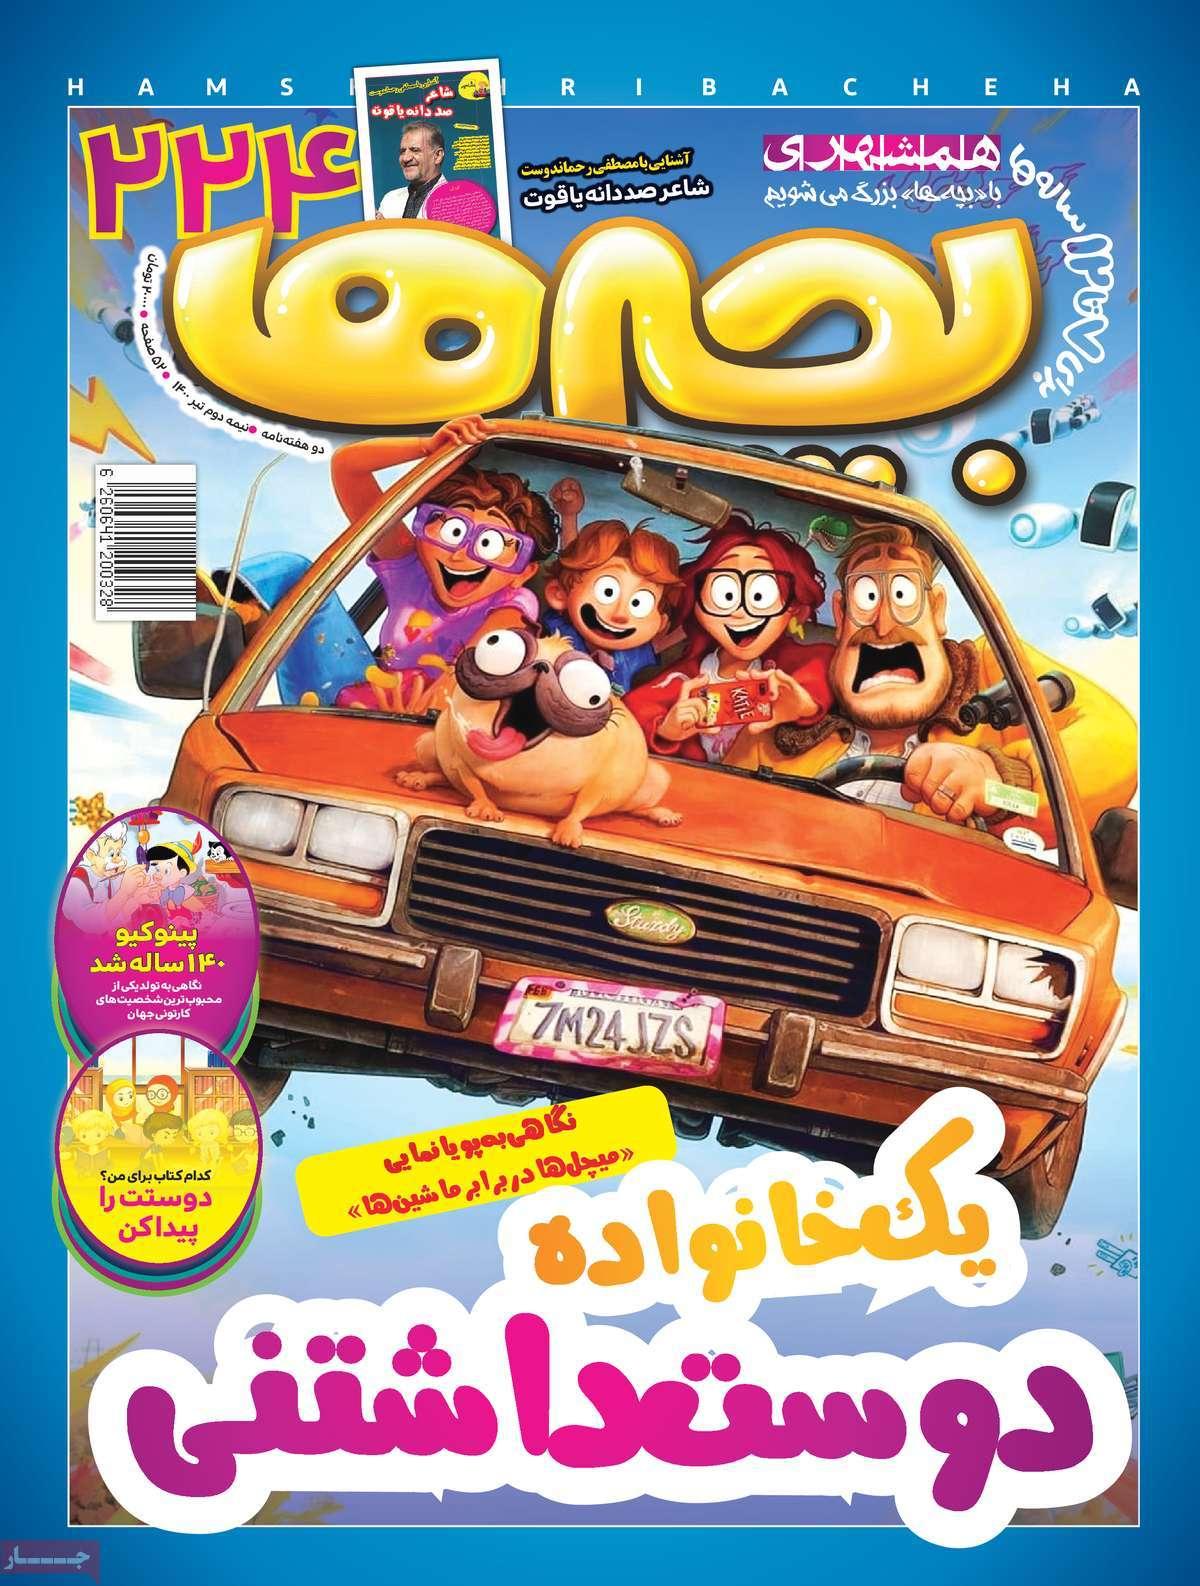 صفحه نخست مجله همشهری بچهها - یکشنبه, ۲۷ تیر ۱۴۰۰